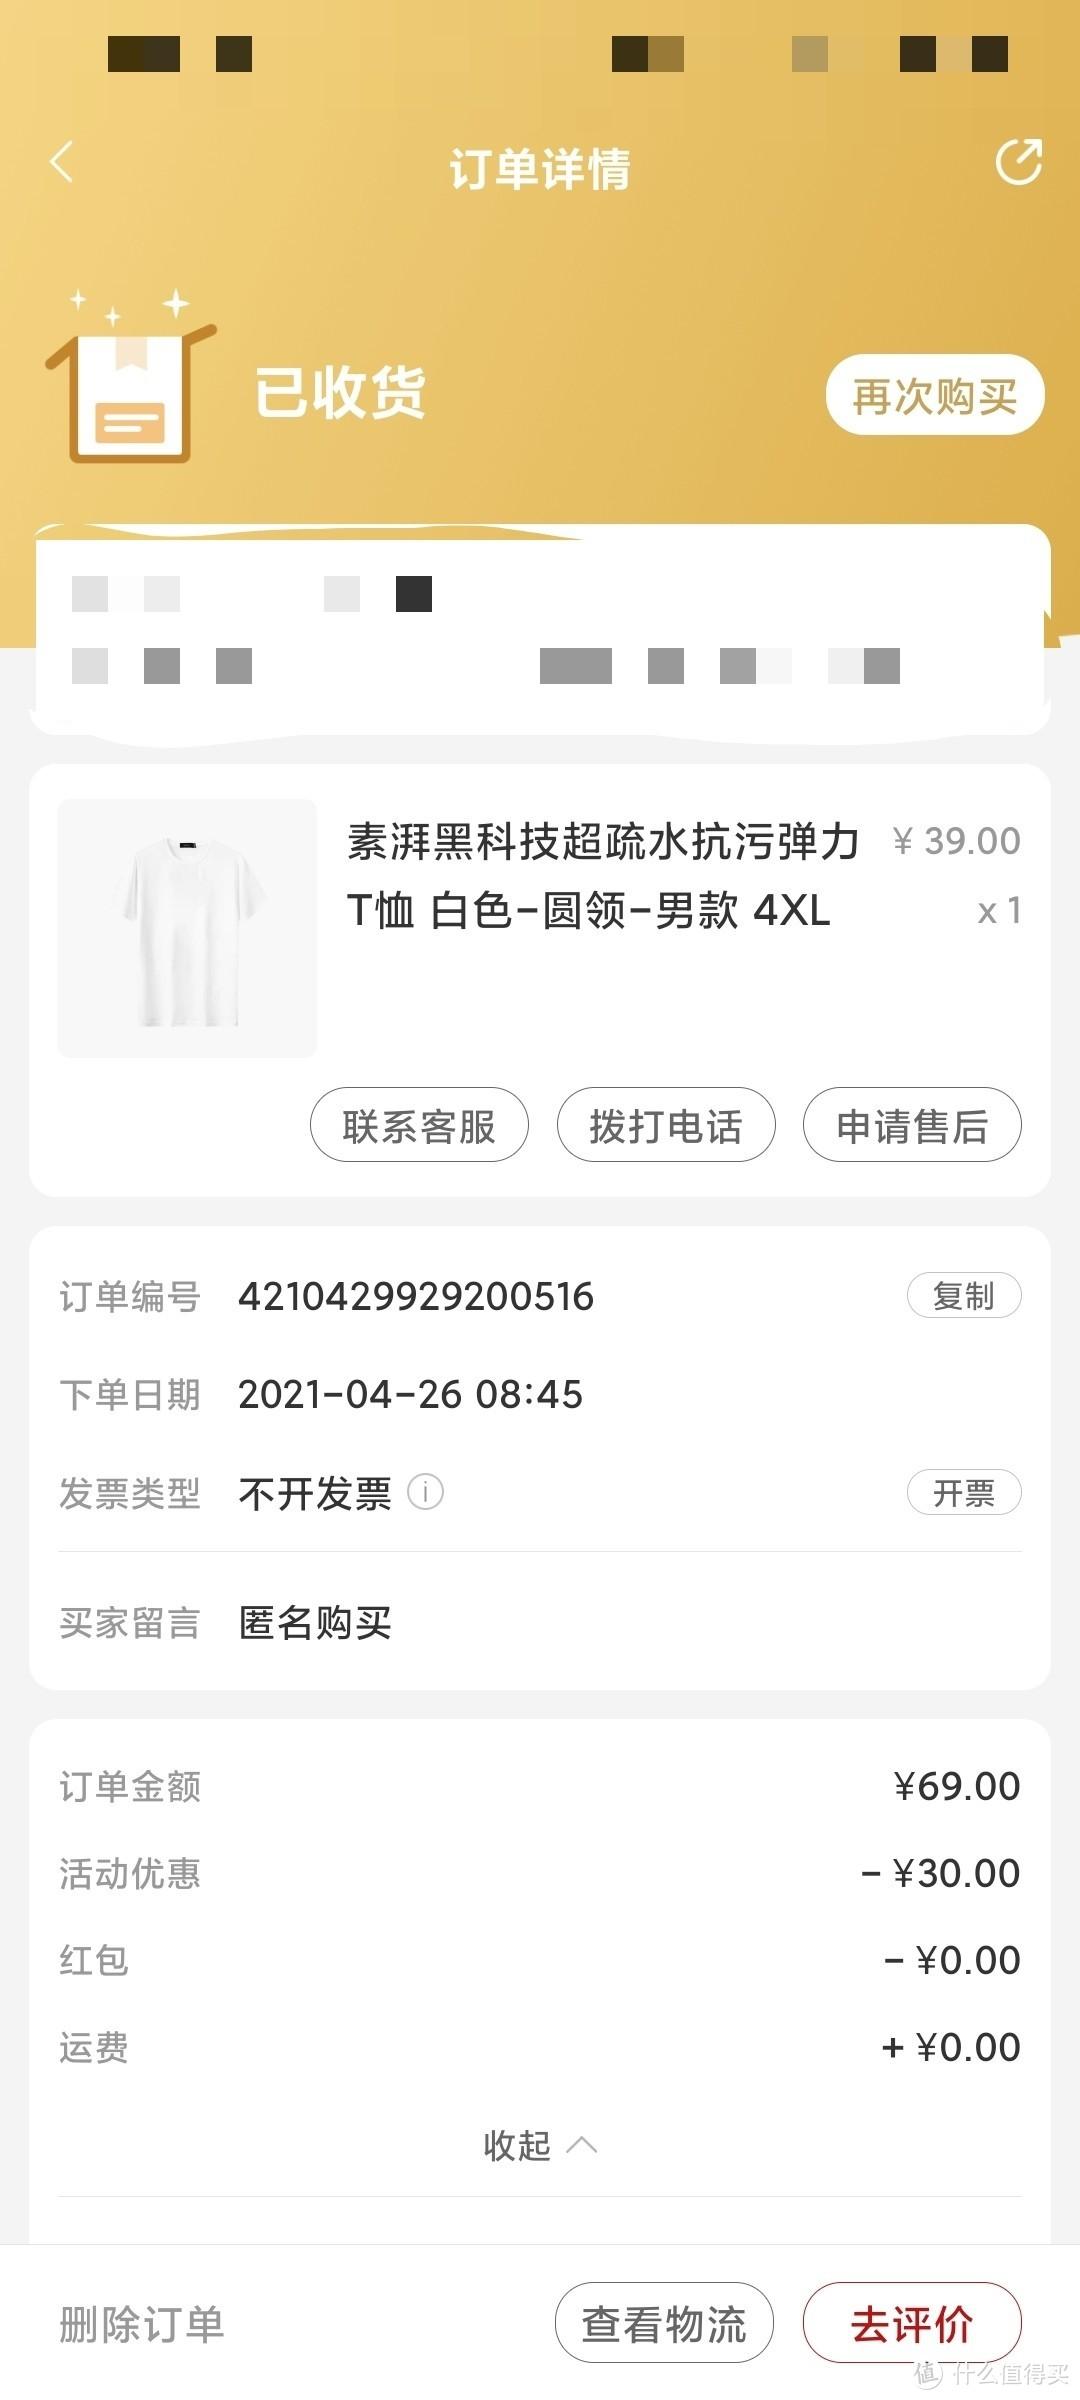 小米有品618 值得买——服饰篇 立即收藏!!